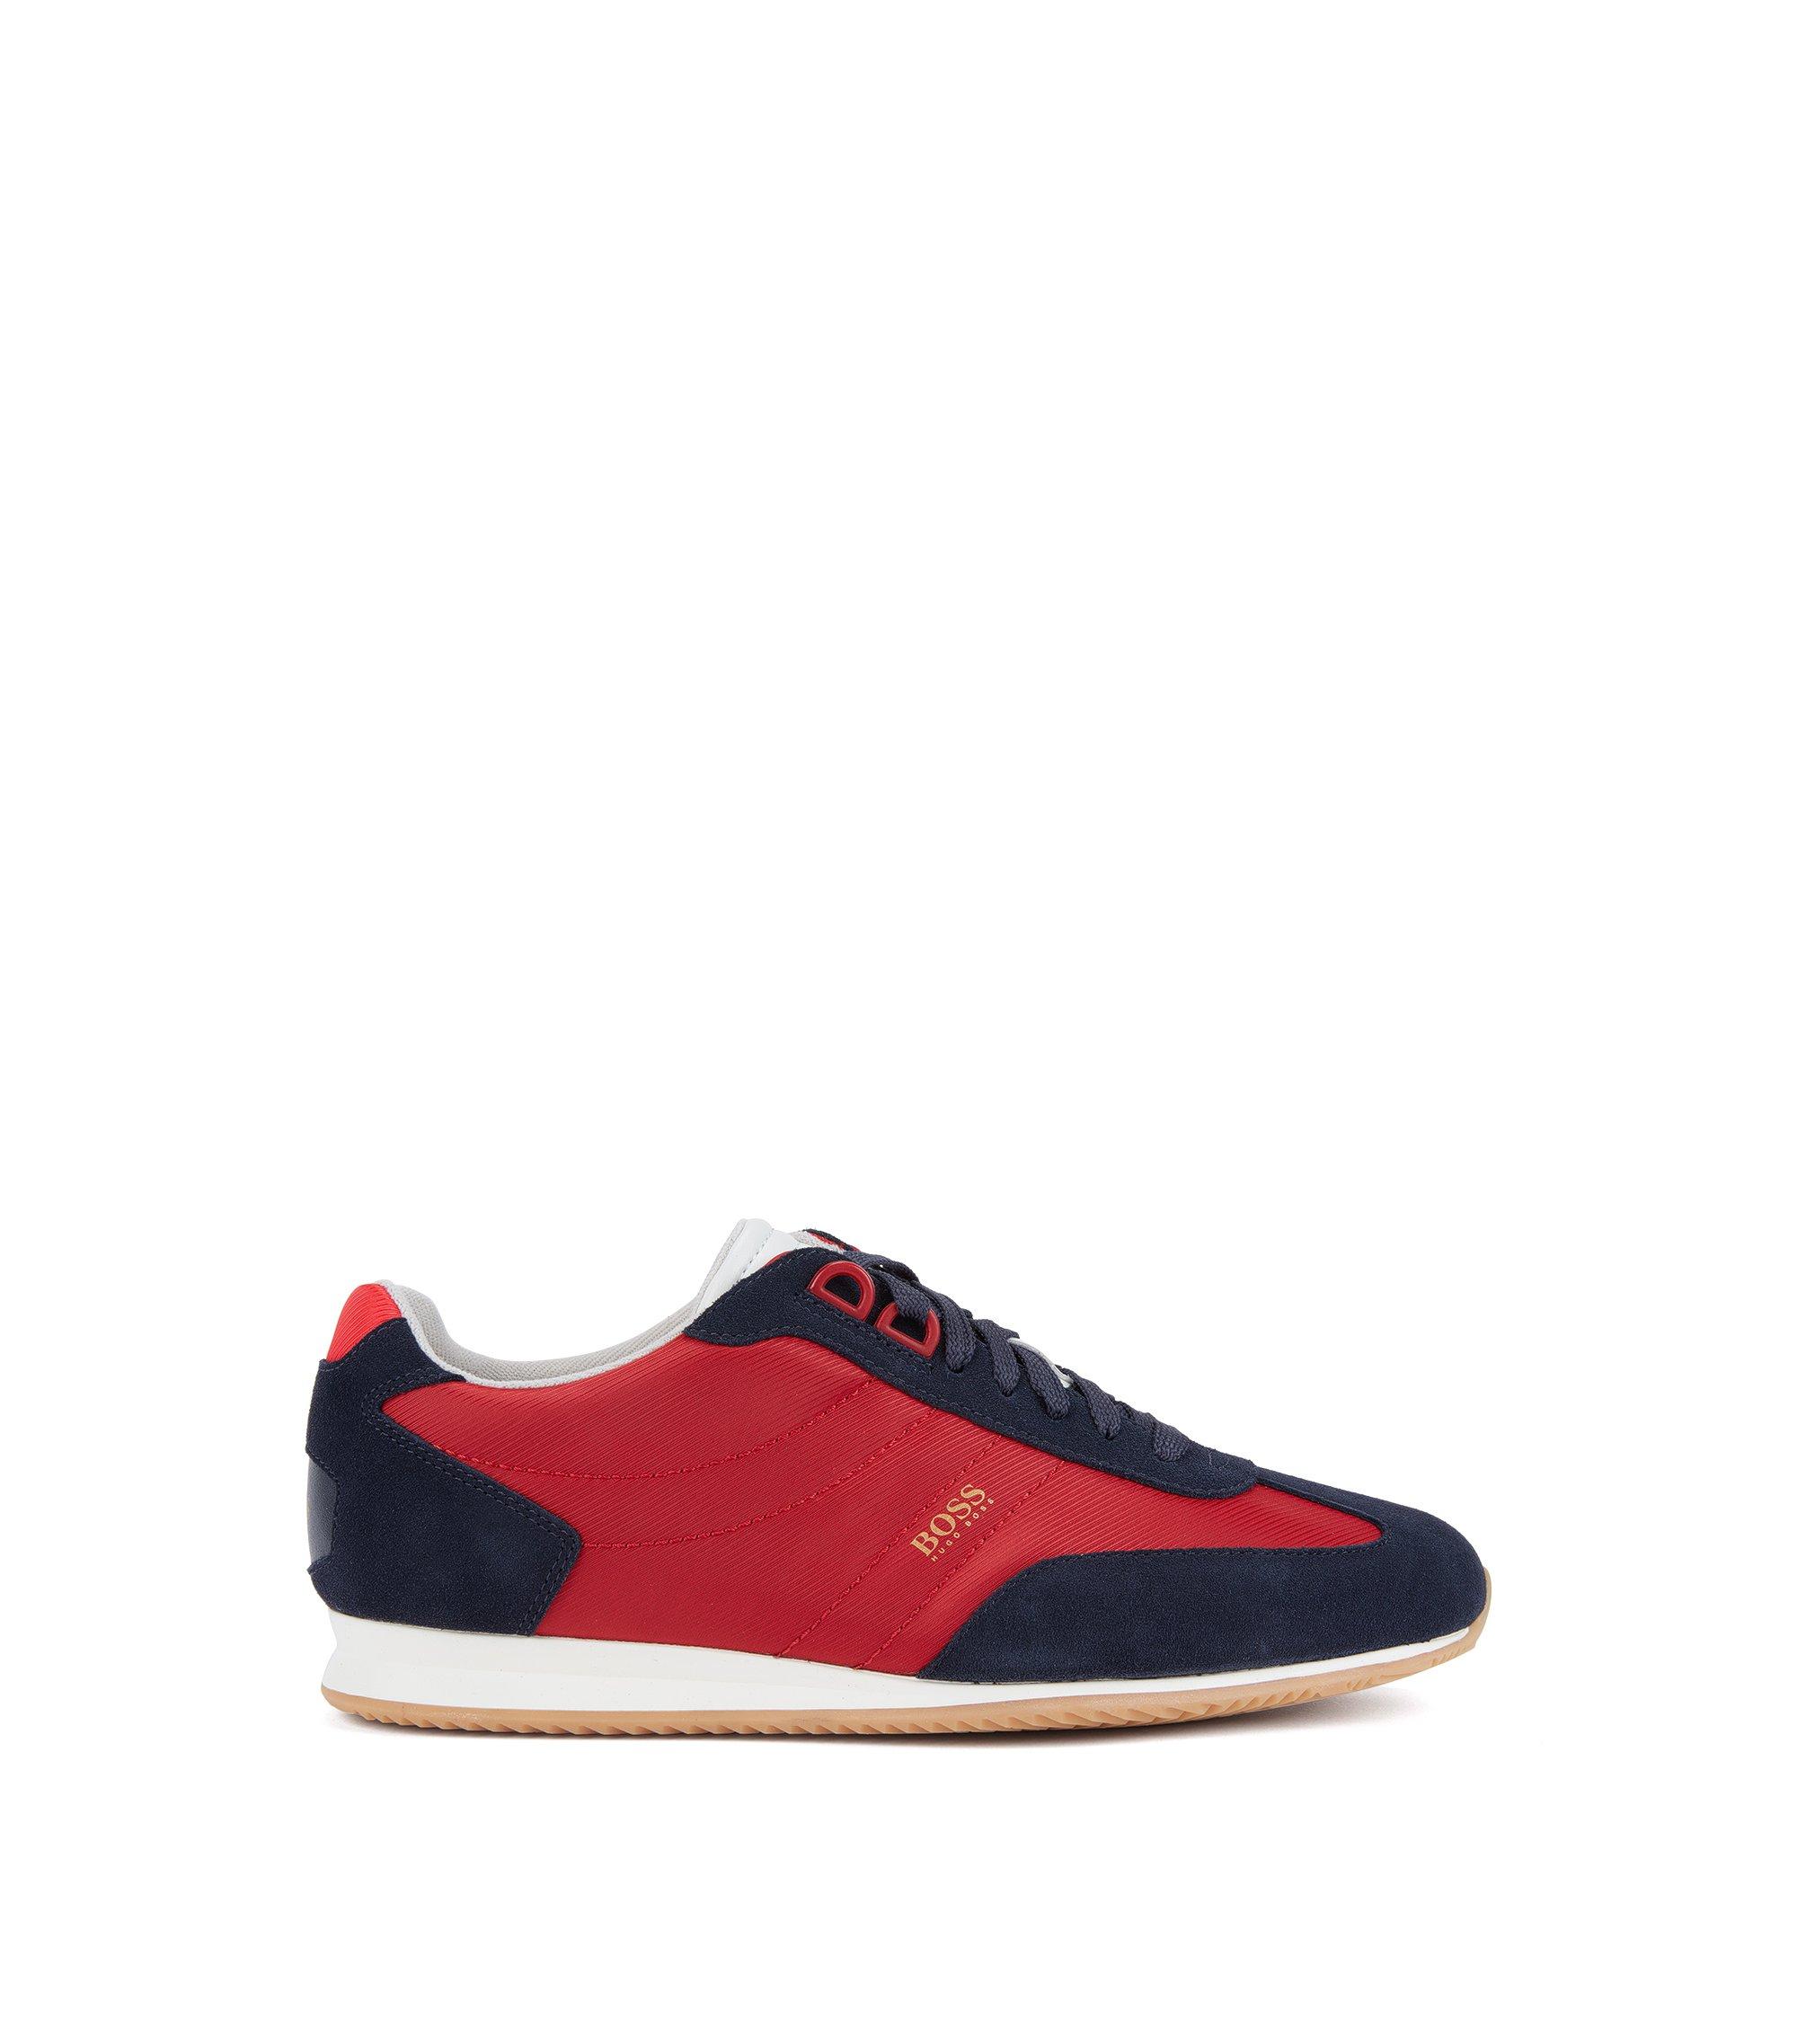 Sneakers low-top stringate in tessuto tecnico con parti in pelle scamosciata, Rosso